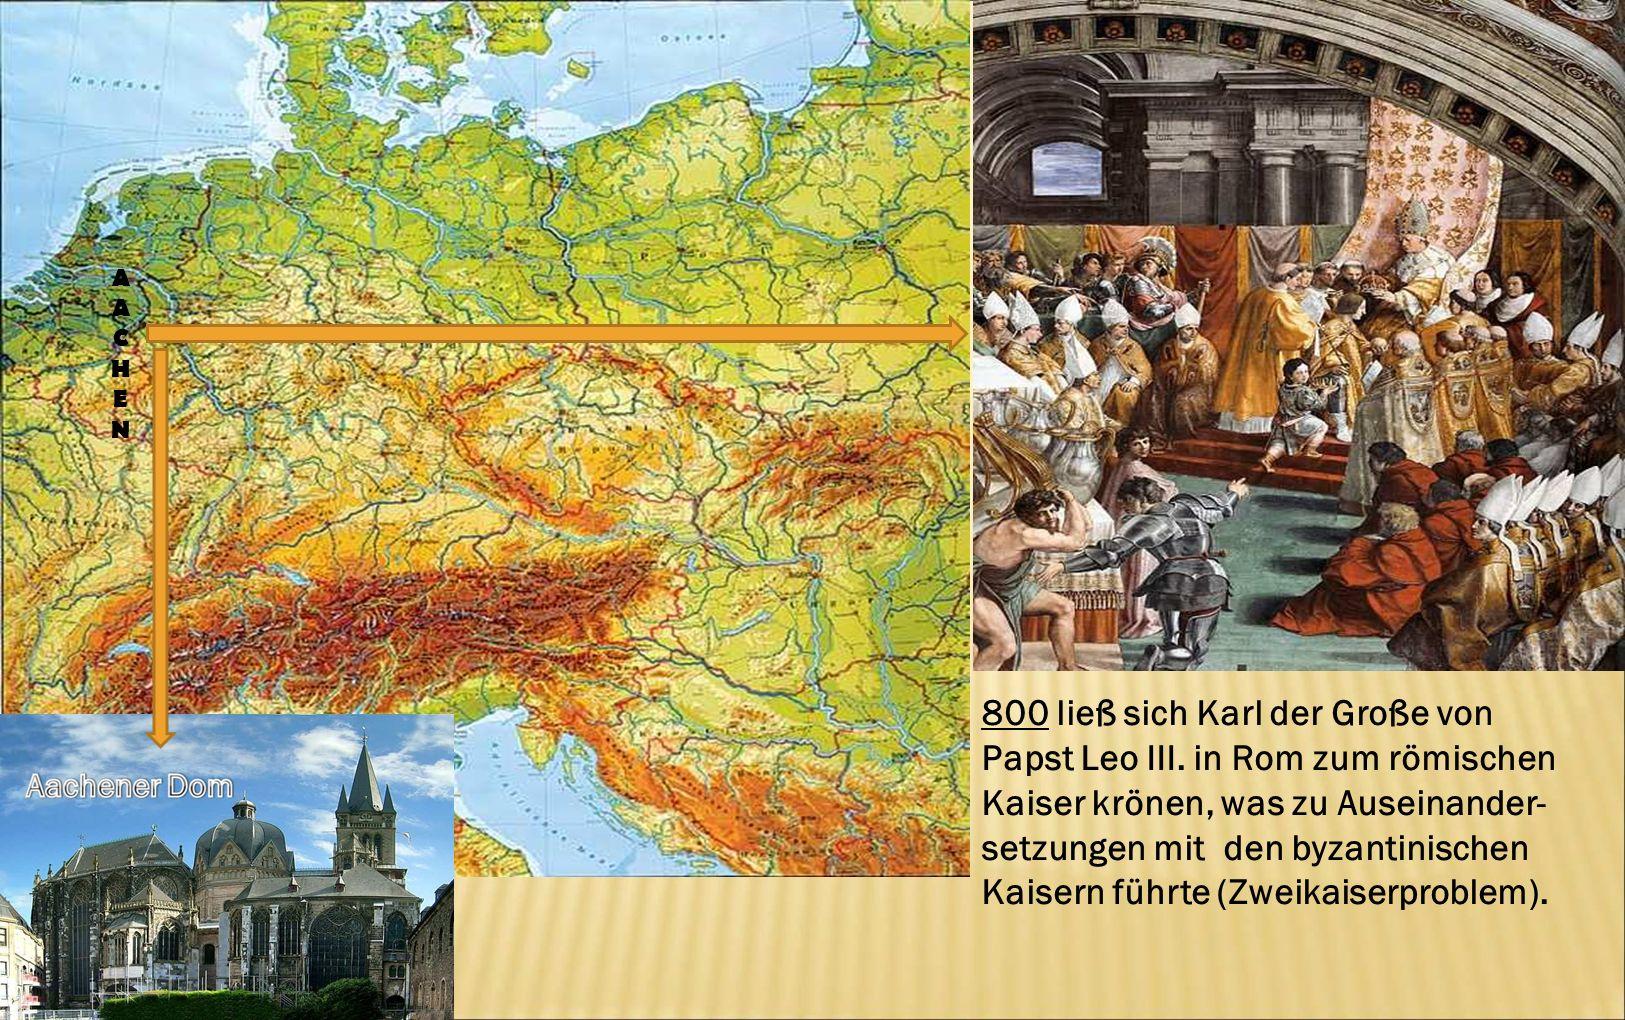 800 ließ sich Karl der Große von Papst Leo III. in Rom zum römischen Kaiser krönen, was zu Auseinander- setzungen mit den byzantinischen Kaisern führt